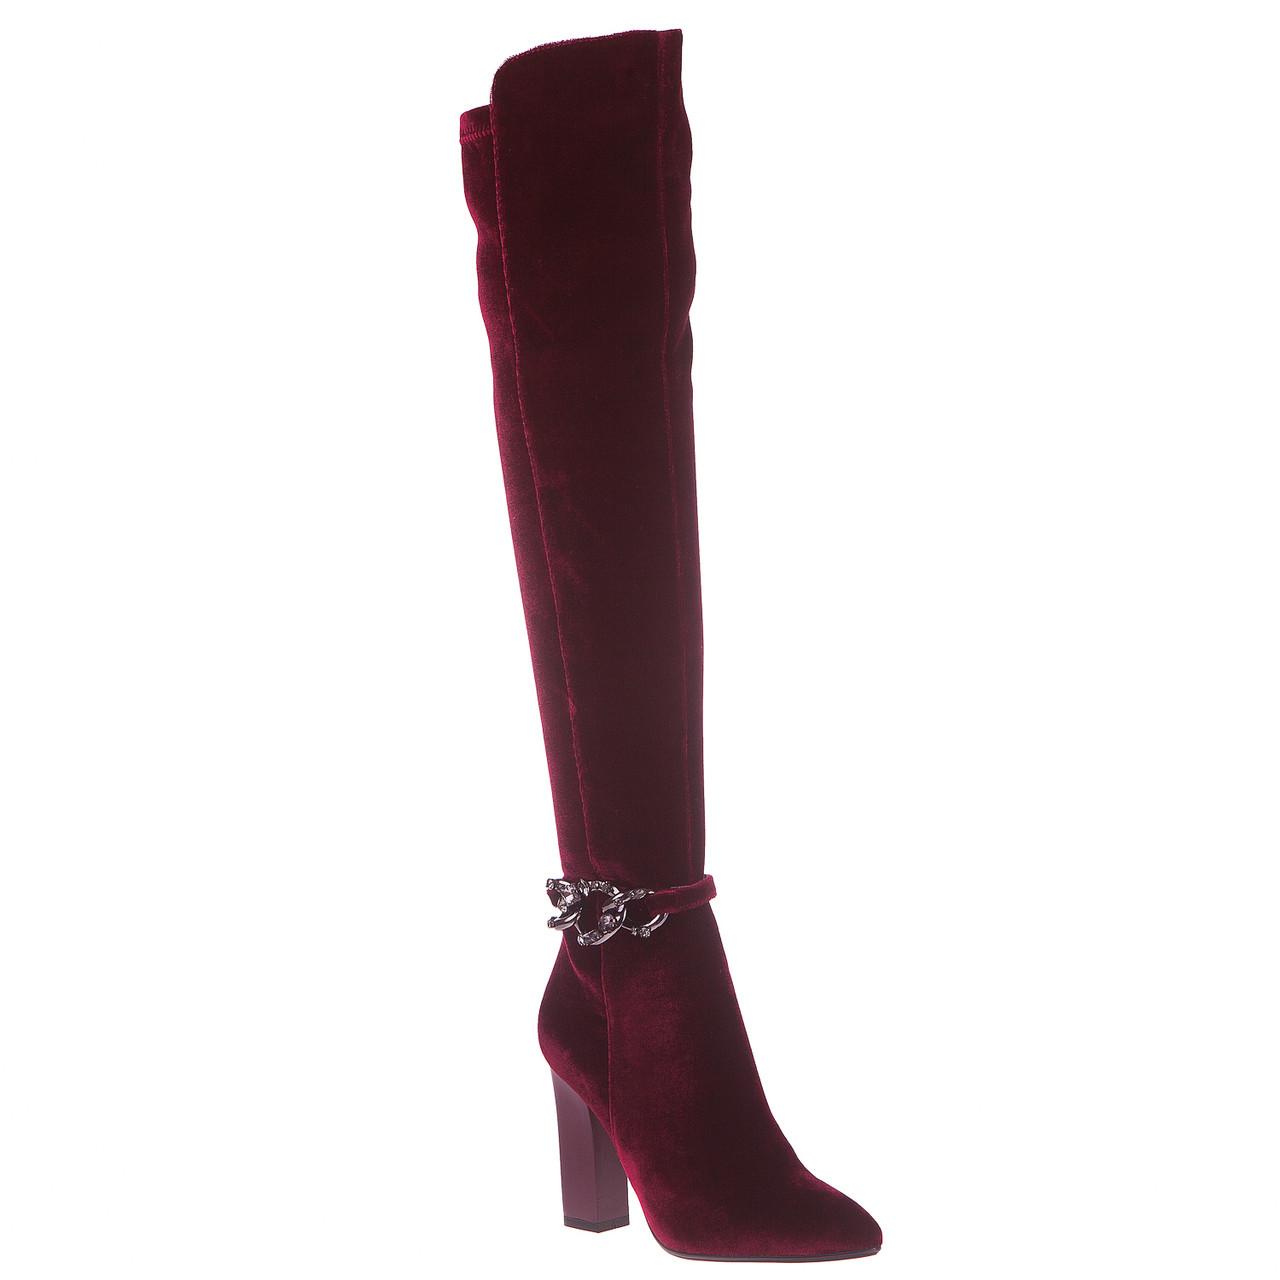 Велюровые ботфорты женские Сhezoliny (бордовые, высокий каблук, острый носок, стильные, модные)